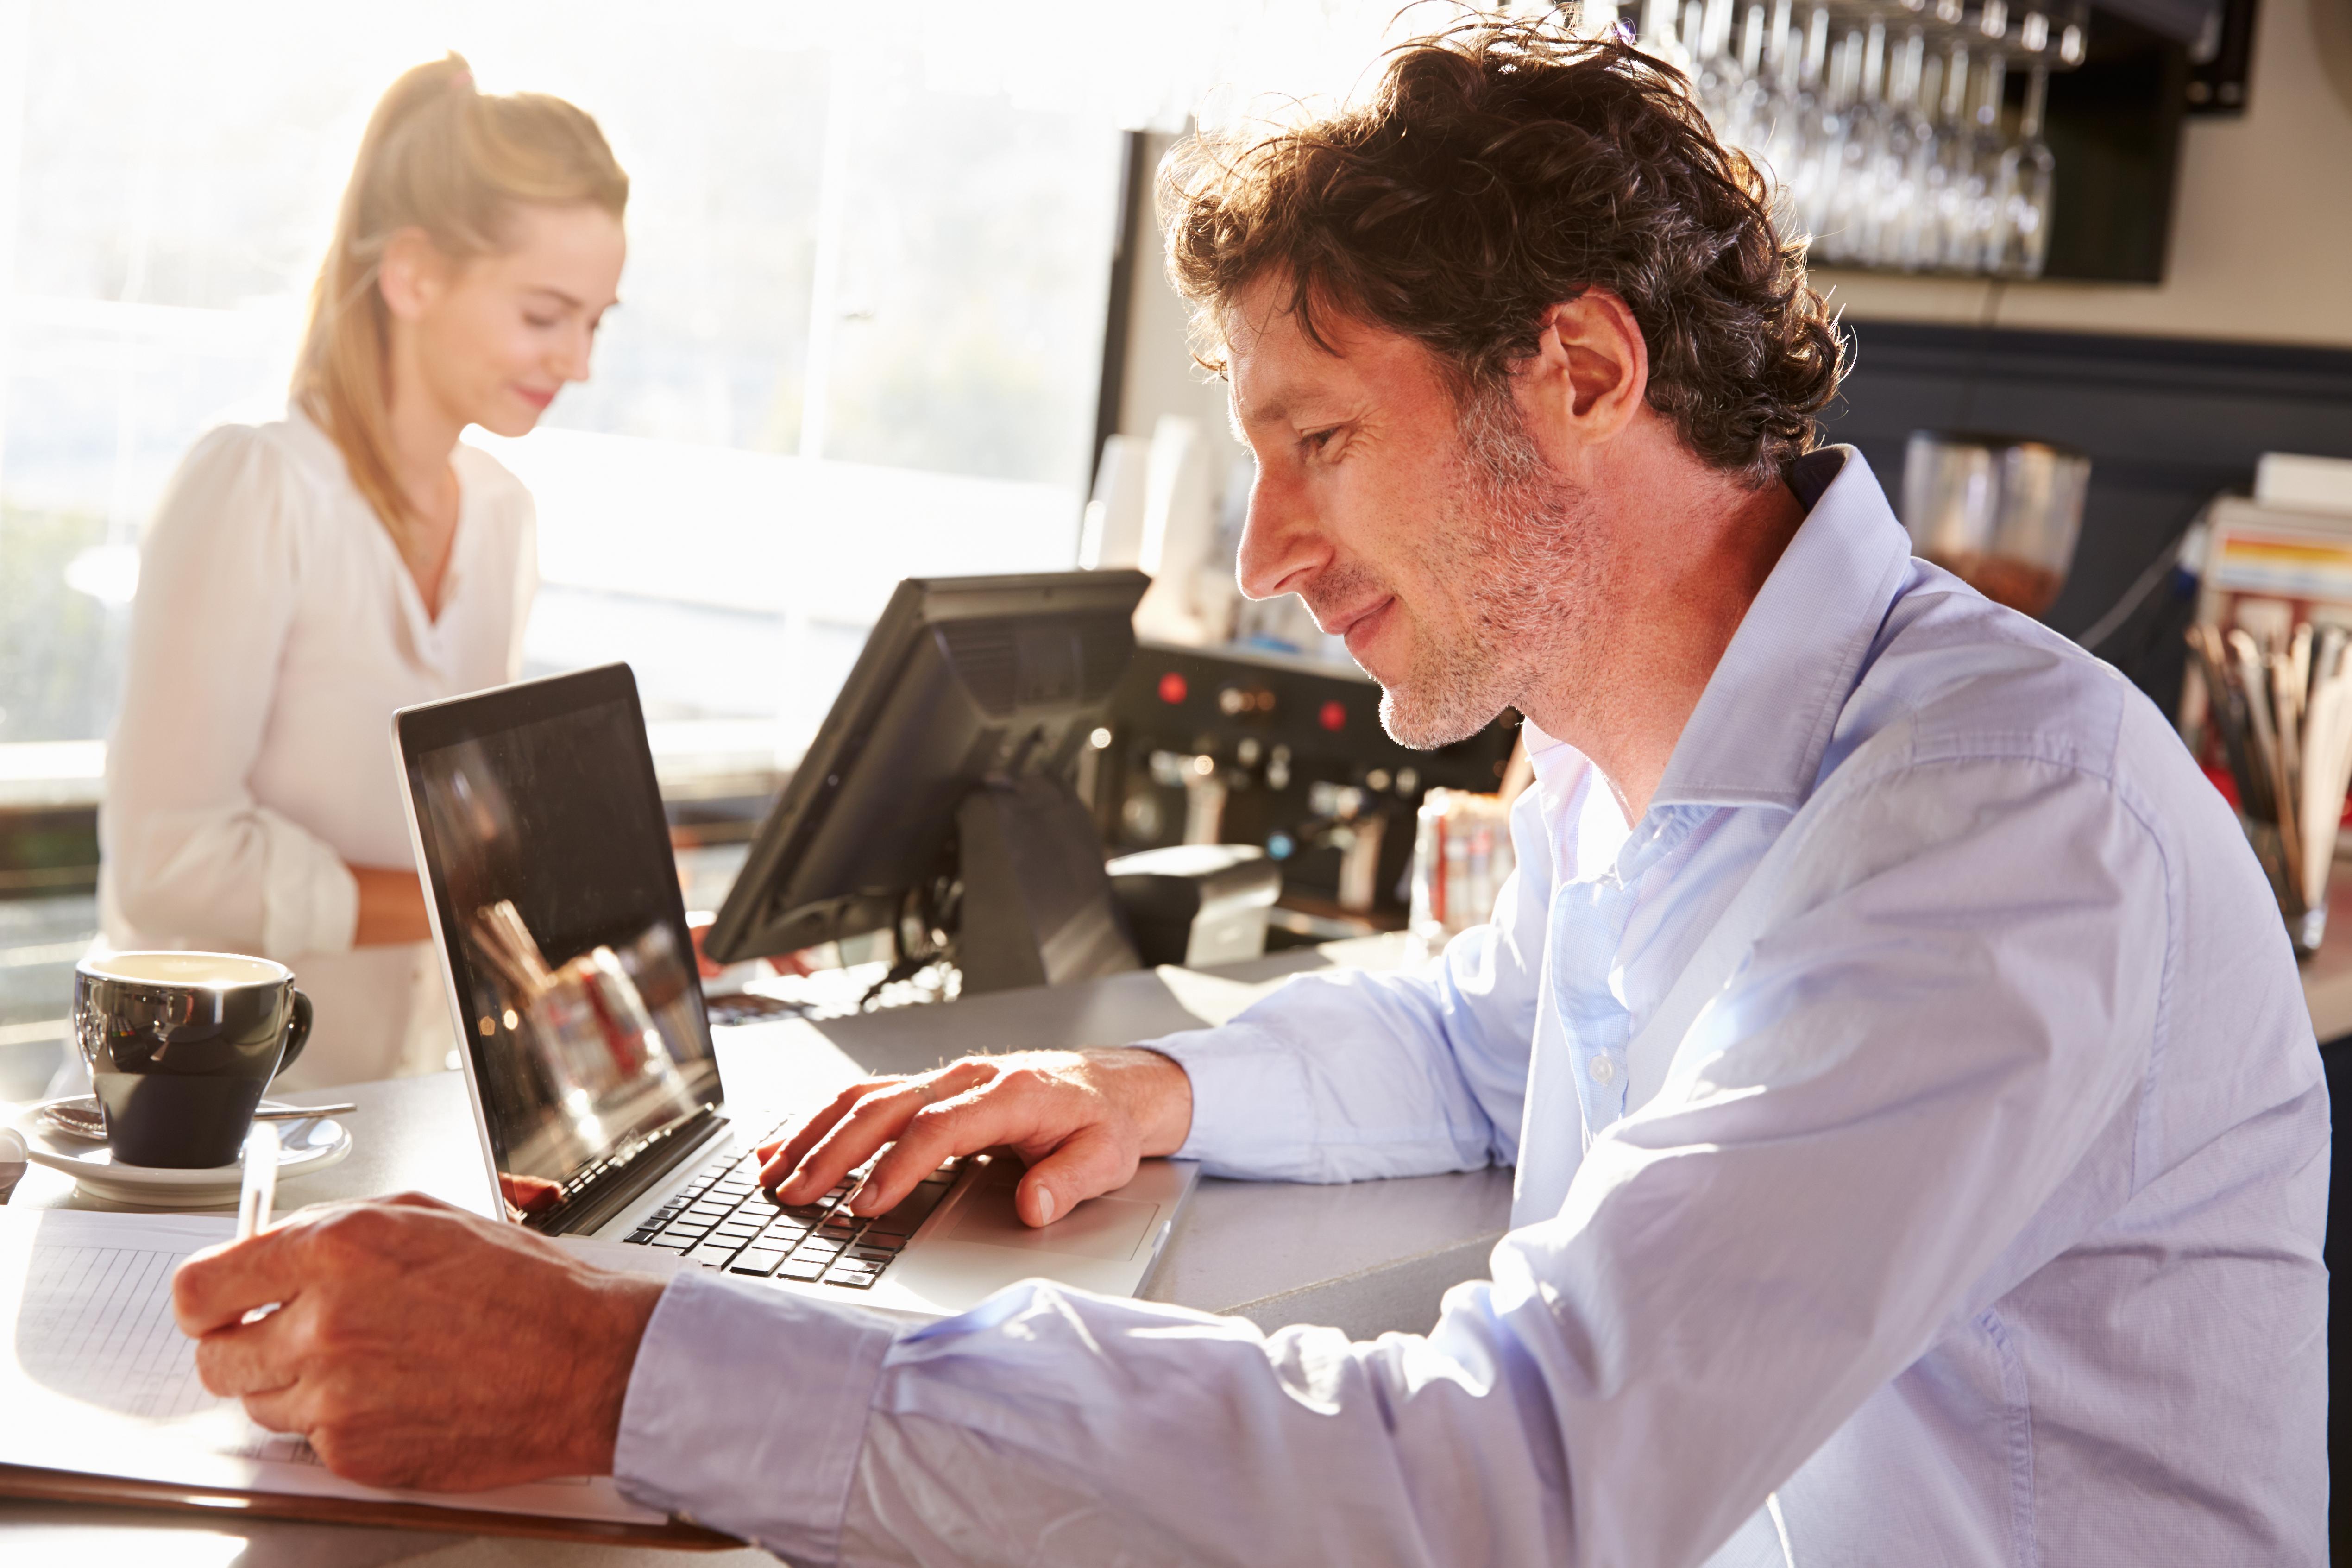 man sitting at computer working